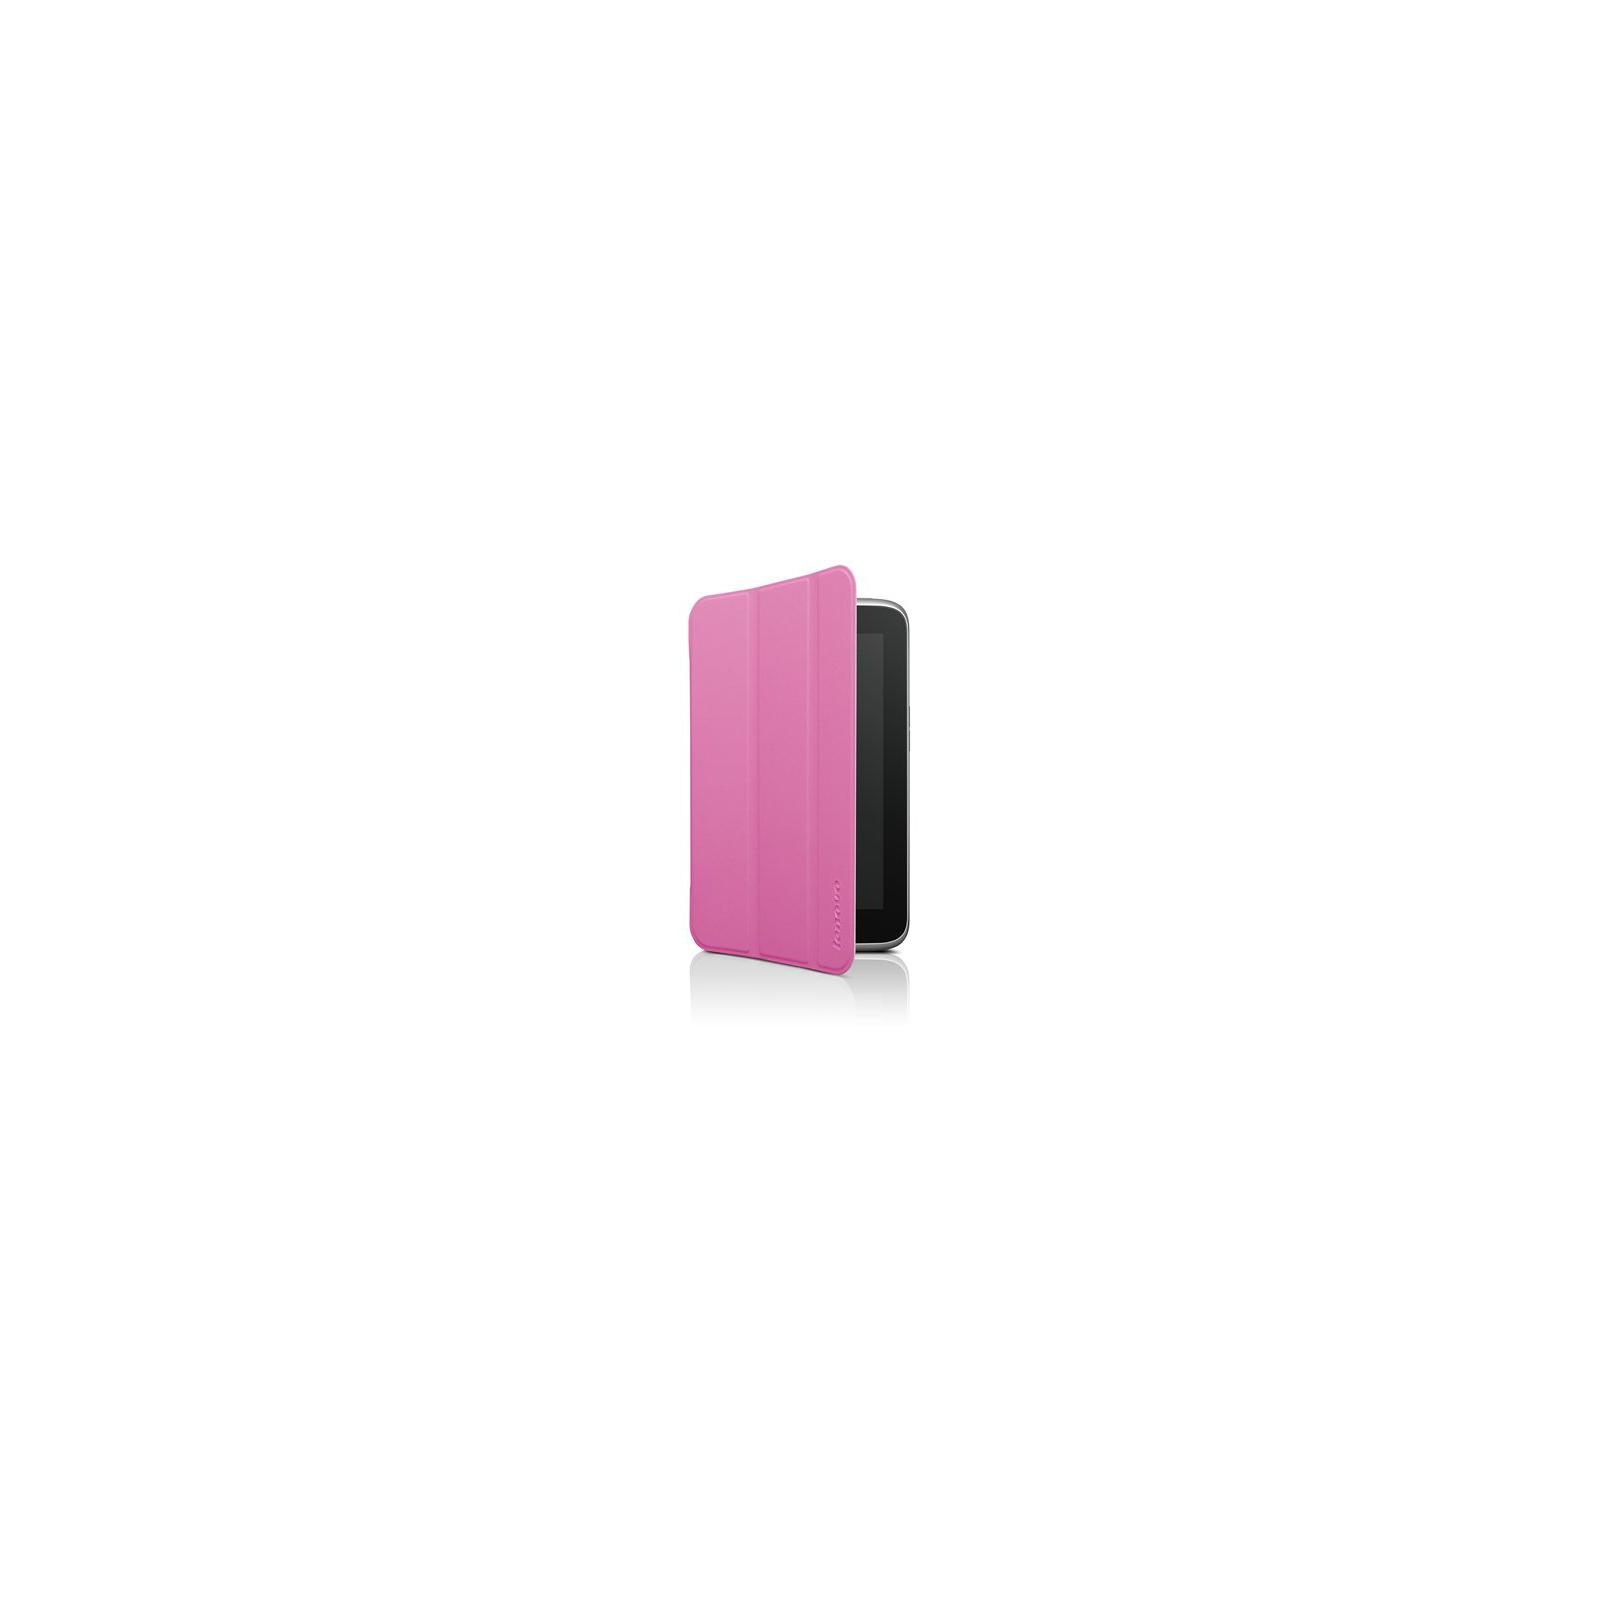 Чехол для планшета Lenovo 7 A1000 Case and film Pink (888015418) изображение 2